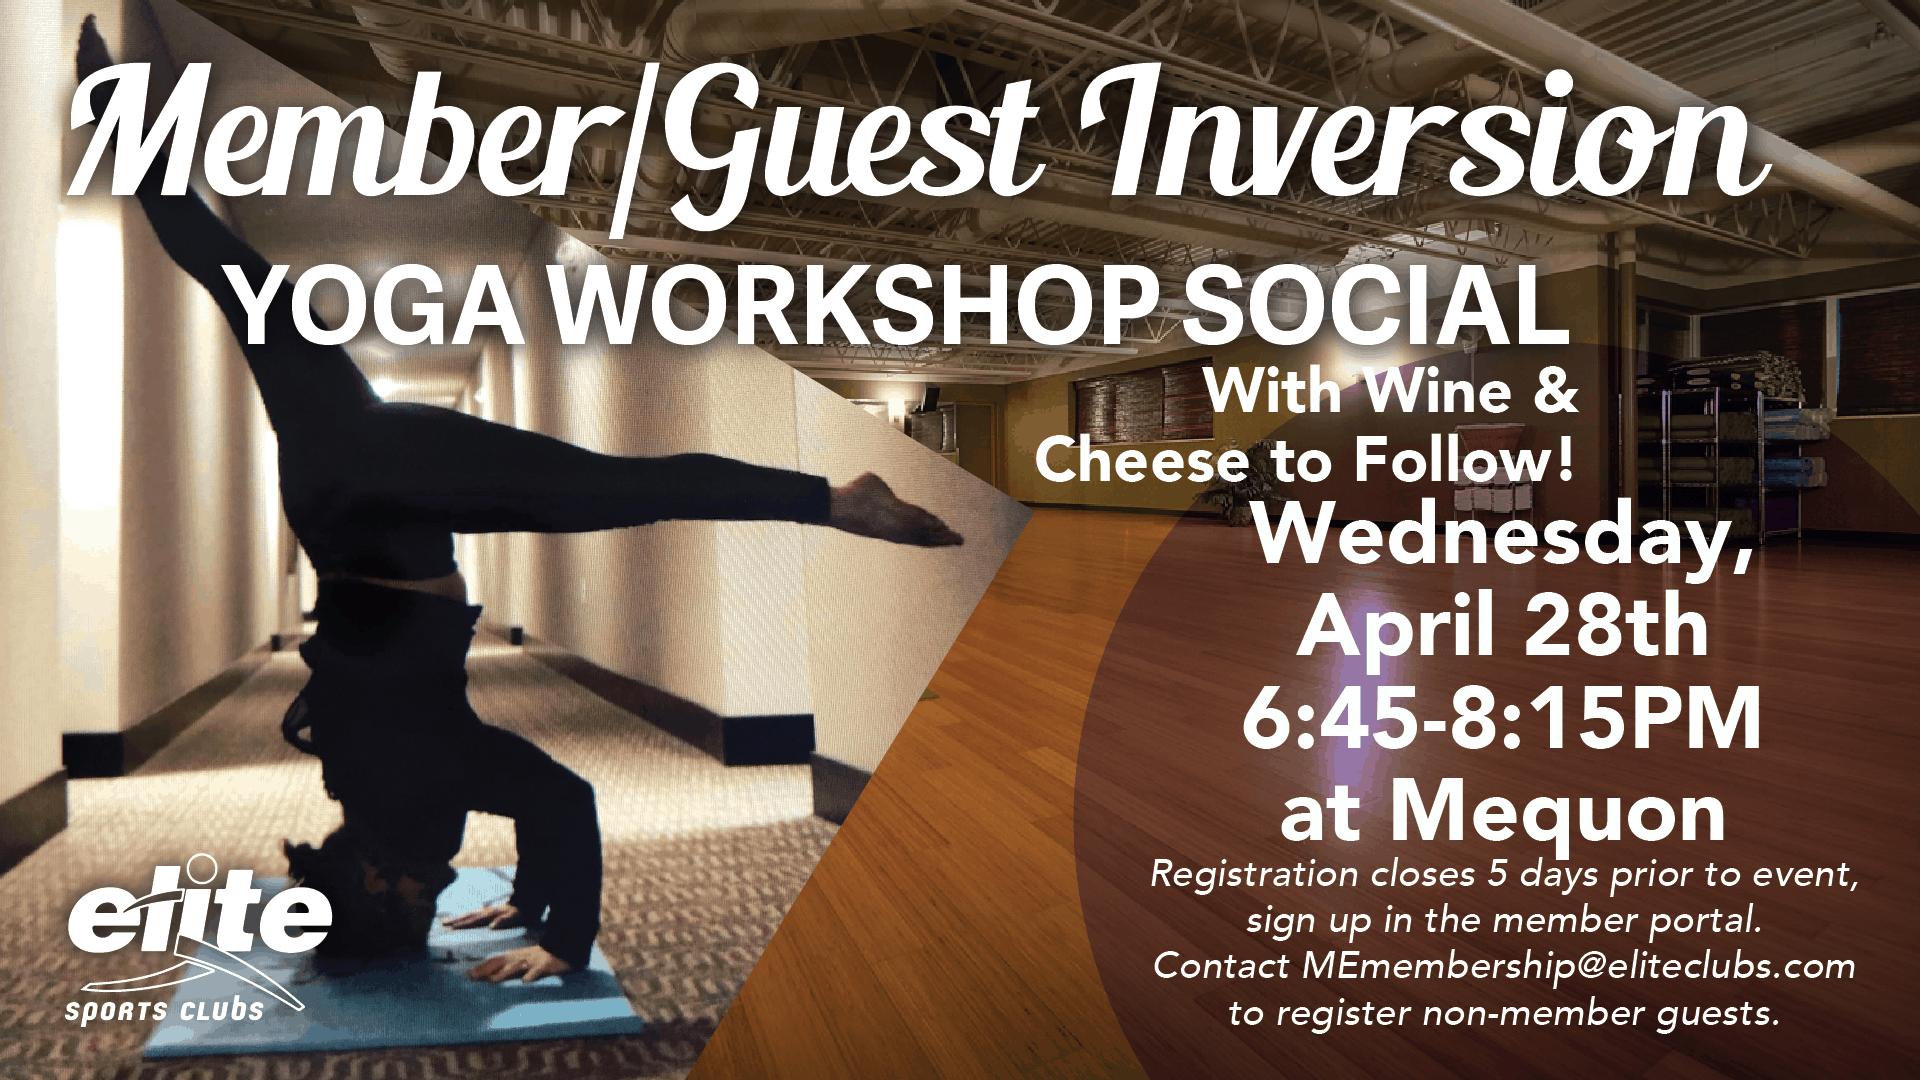 Member:Guest Inversion Yoga Workshop Social - Elite Mequon - April 2021